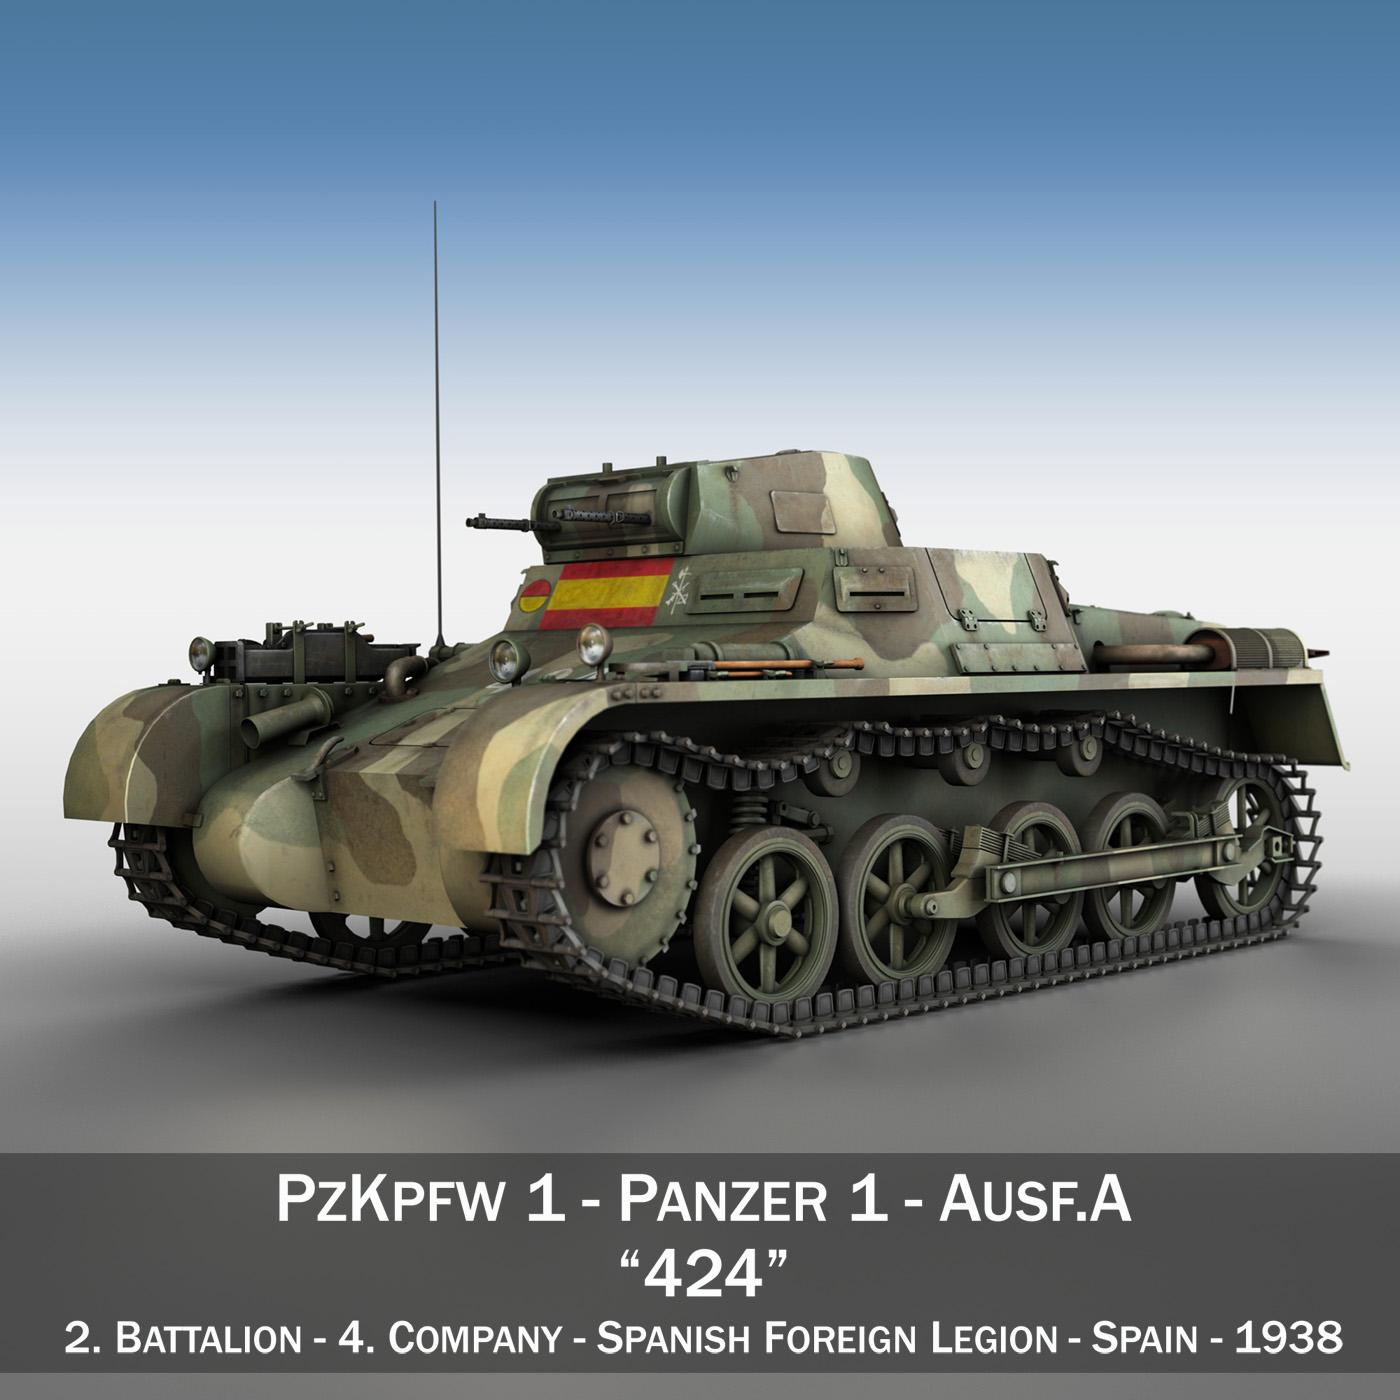 pzkpfw 1 – panzer 1 – ausf. a – 424 3d model 3ds fbx lwo lw lws obj c4d 266646